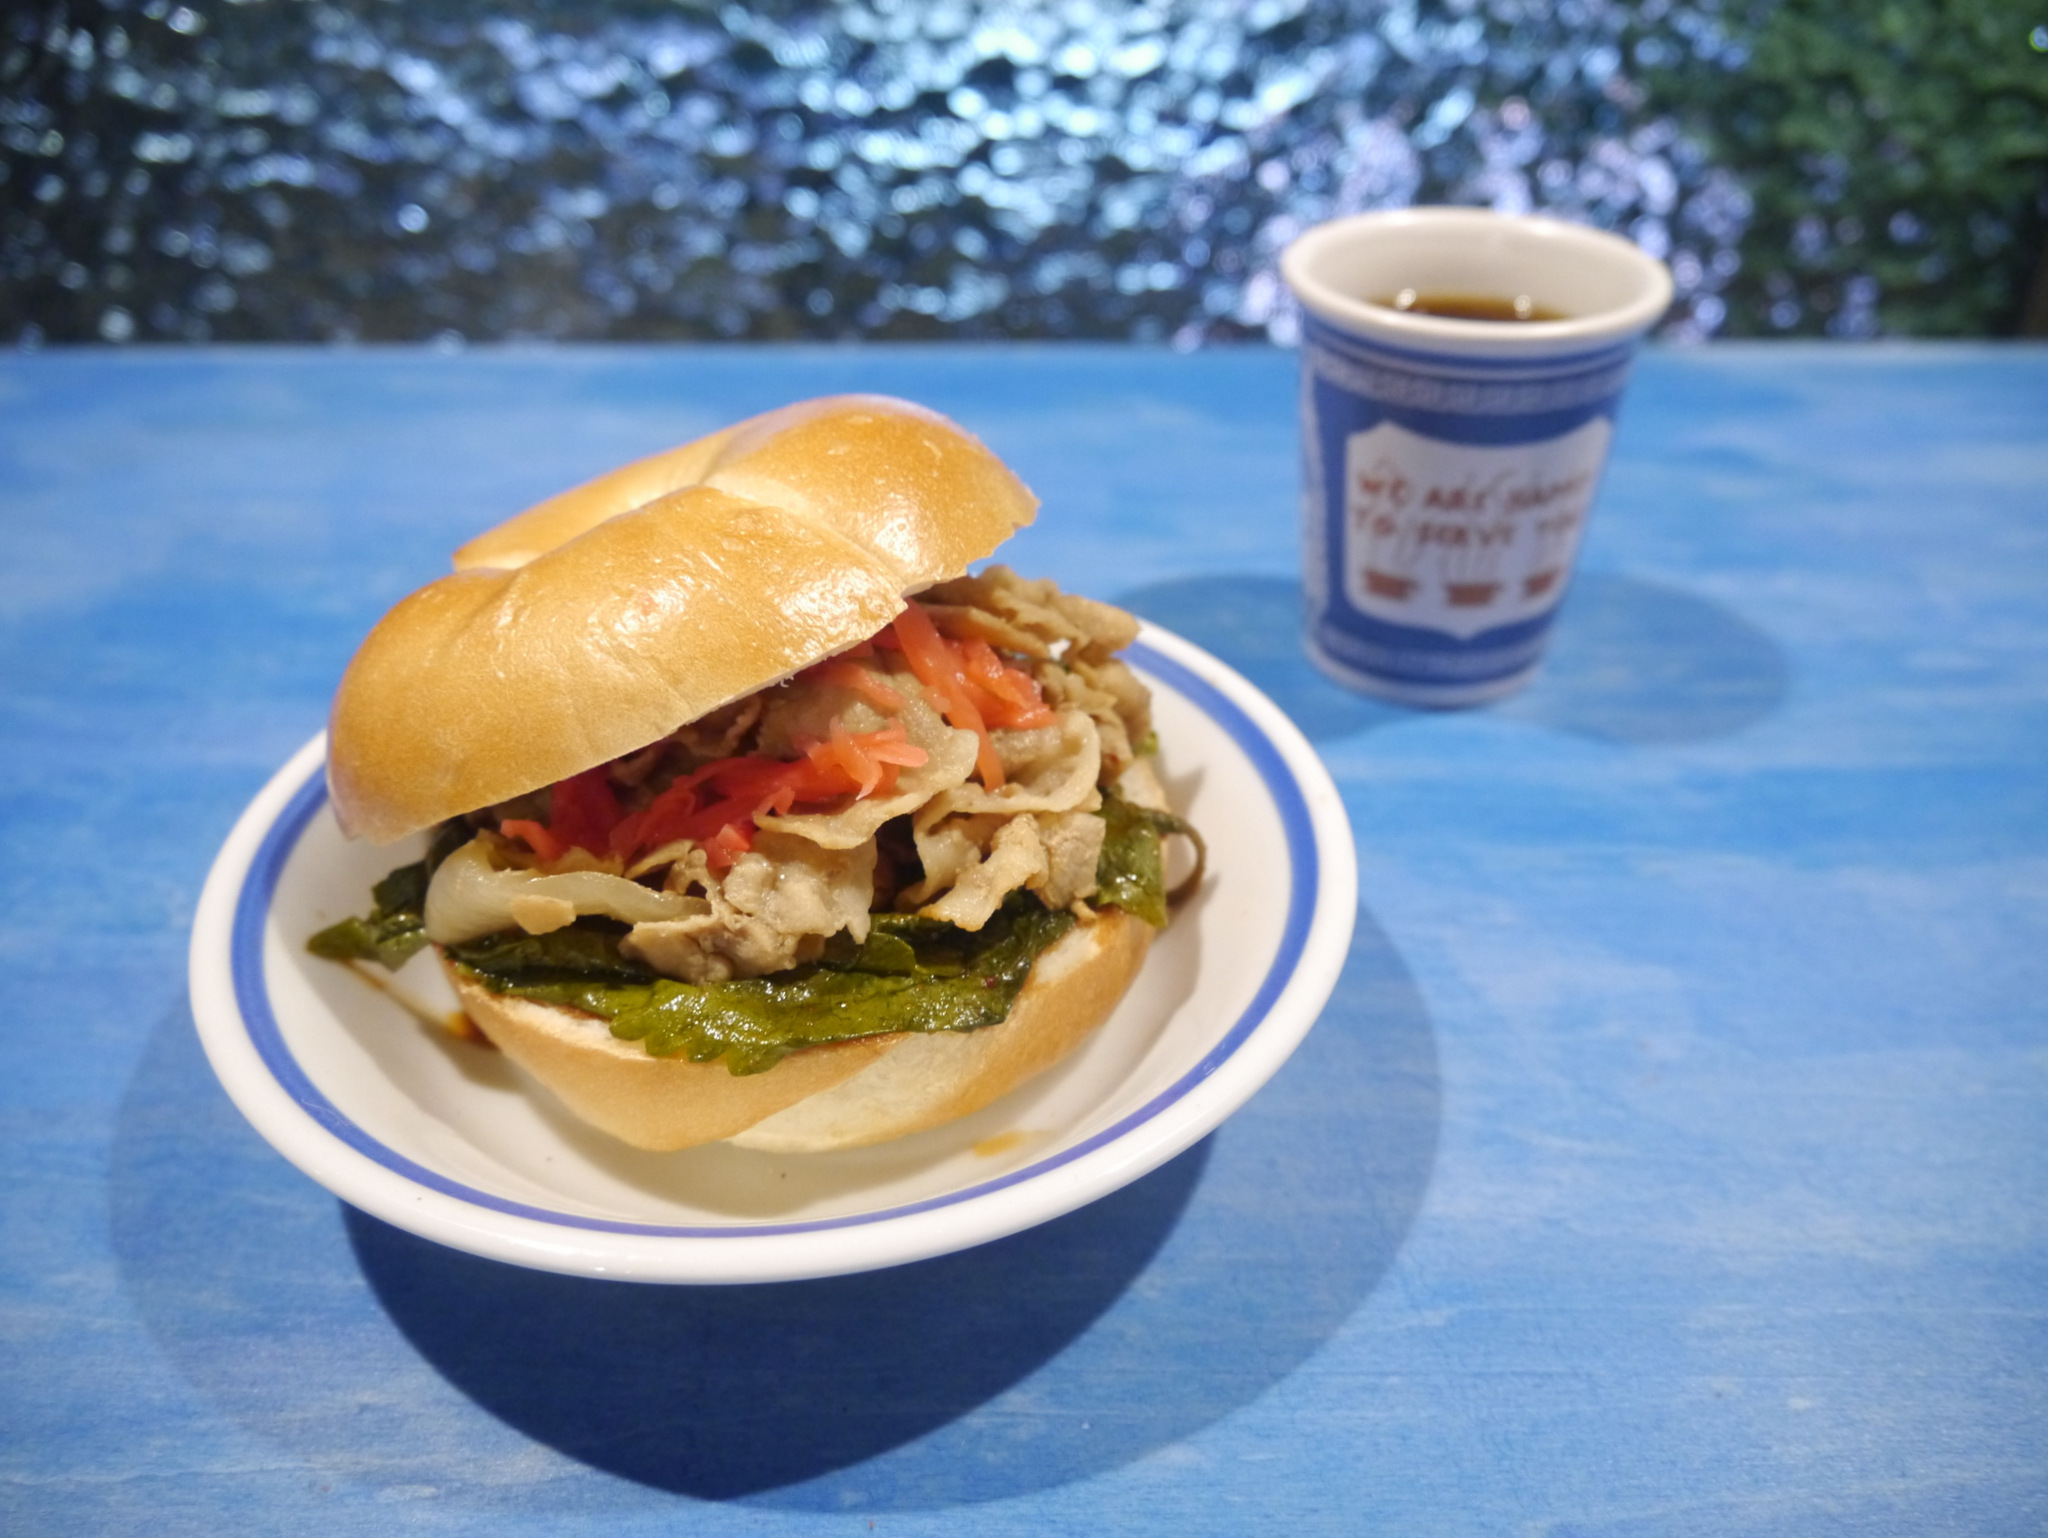 吉野屋 豚皿サンド (ケンニプキムチ添え)